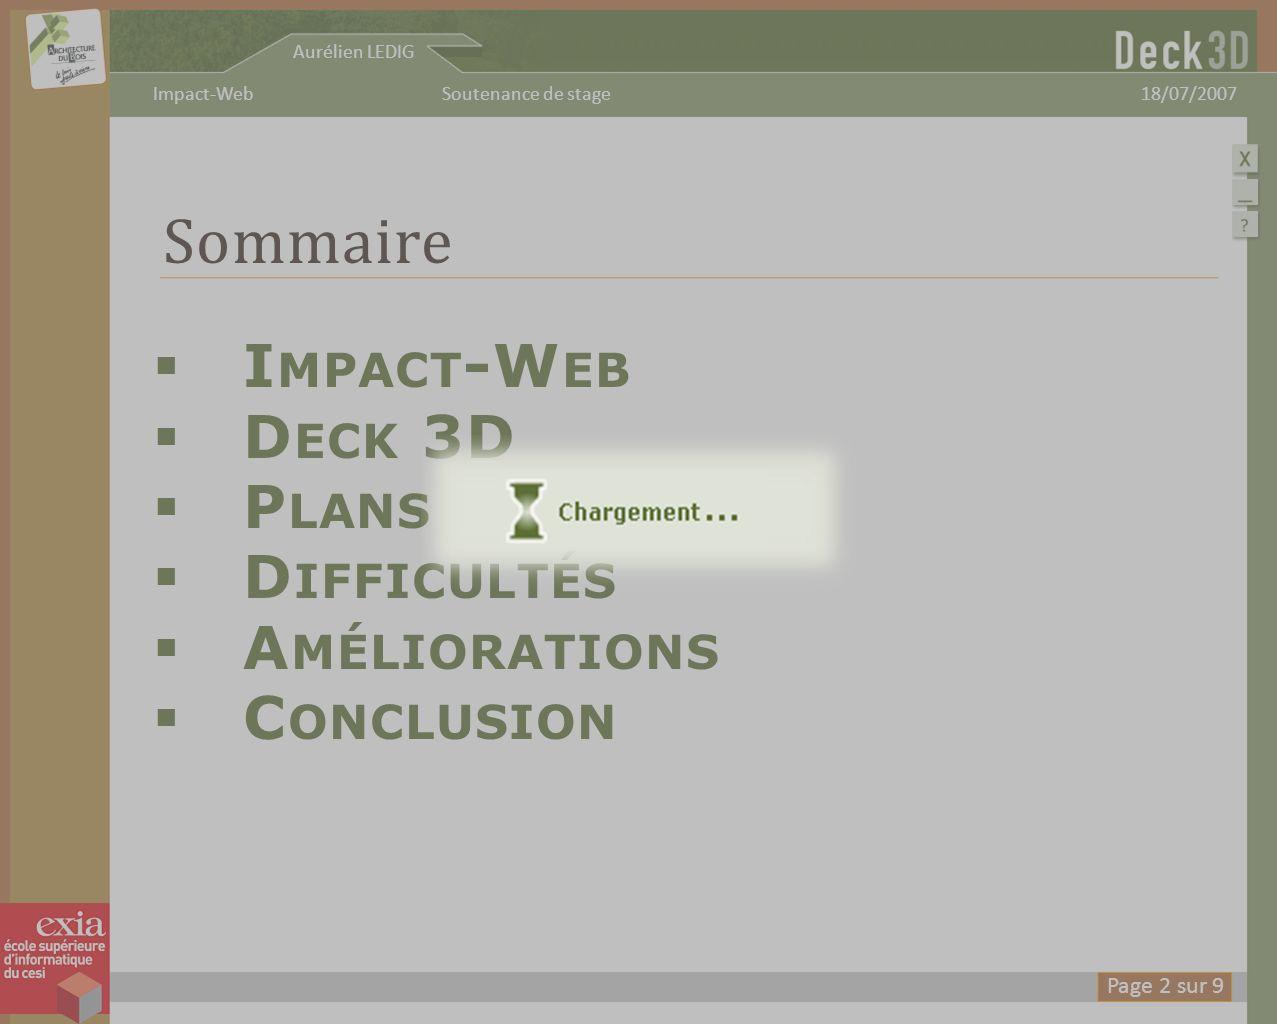 I MPACT -W EB -Organisation -Activités : -Conception logicielle -Gestion de réseaux -Clients : -Franchisés -Grand public Aurélien LEDIG 18/07/2007Soutenance de stageImpact-Web Page 3 sur 9